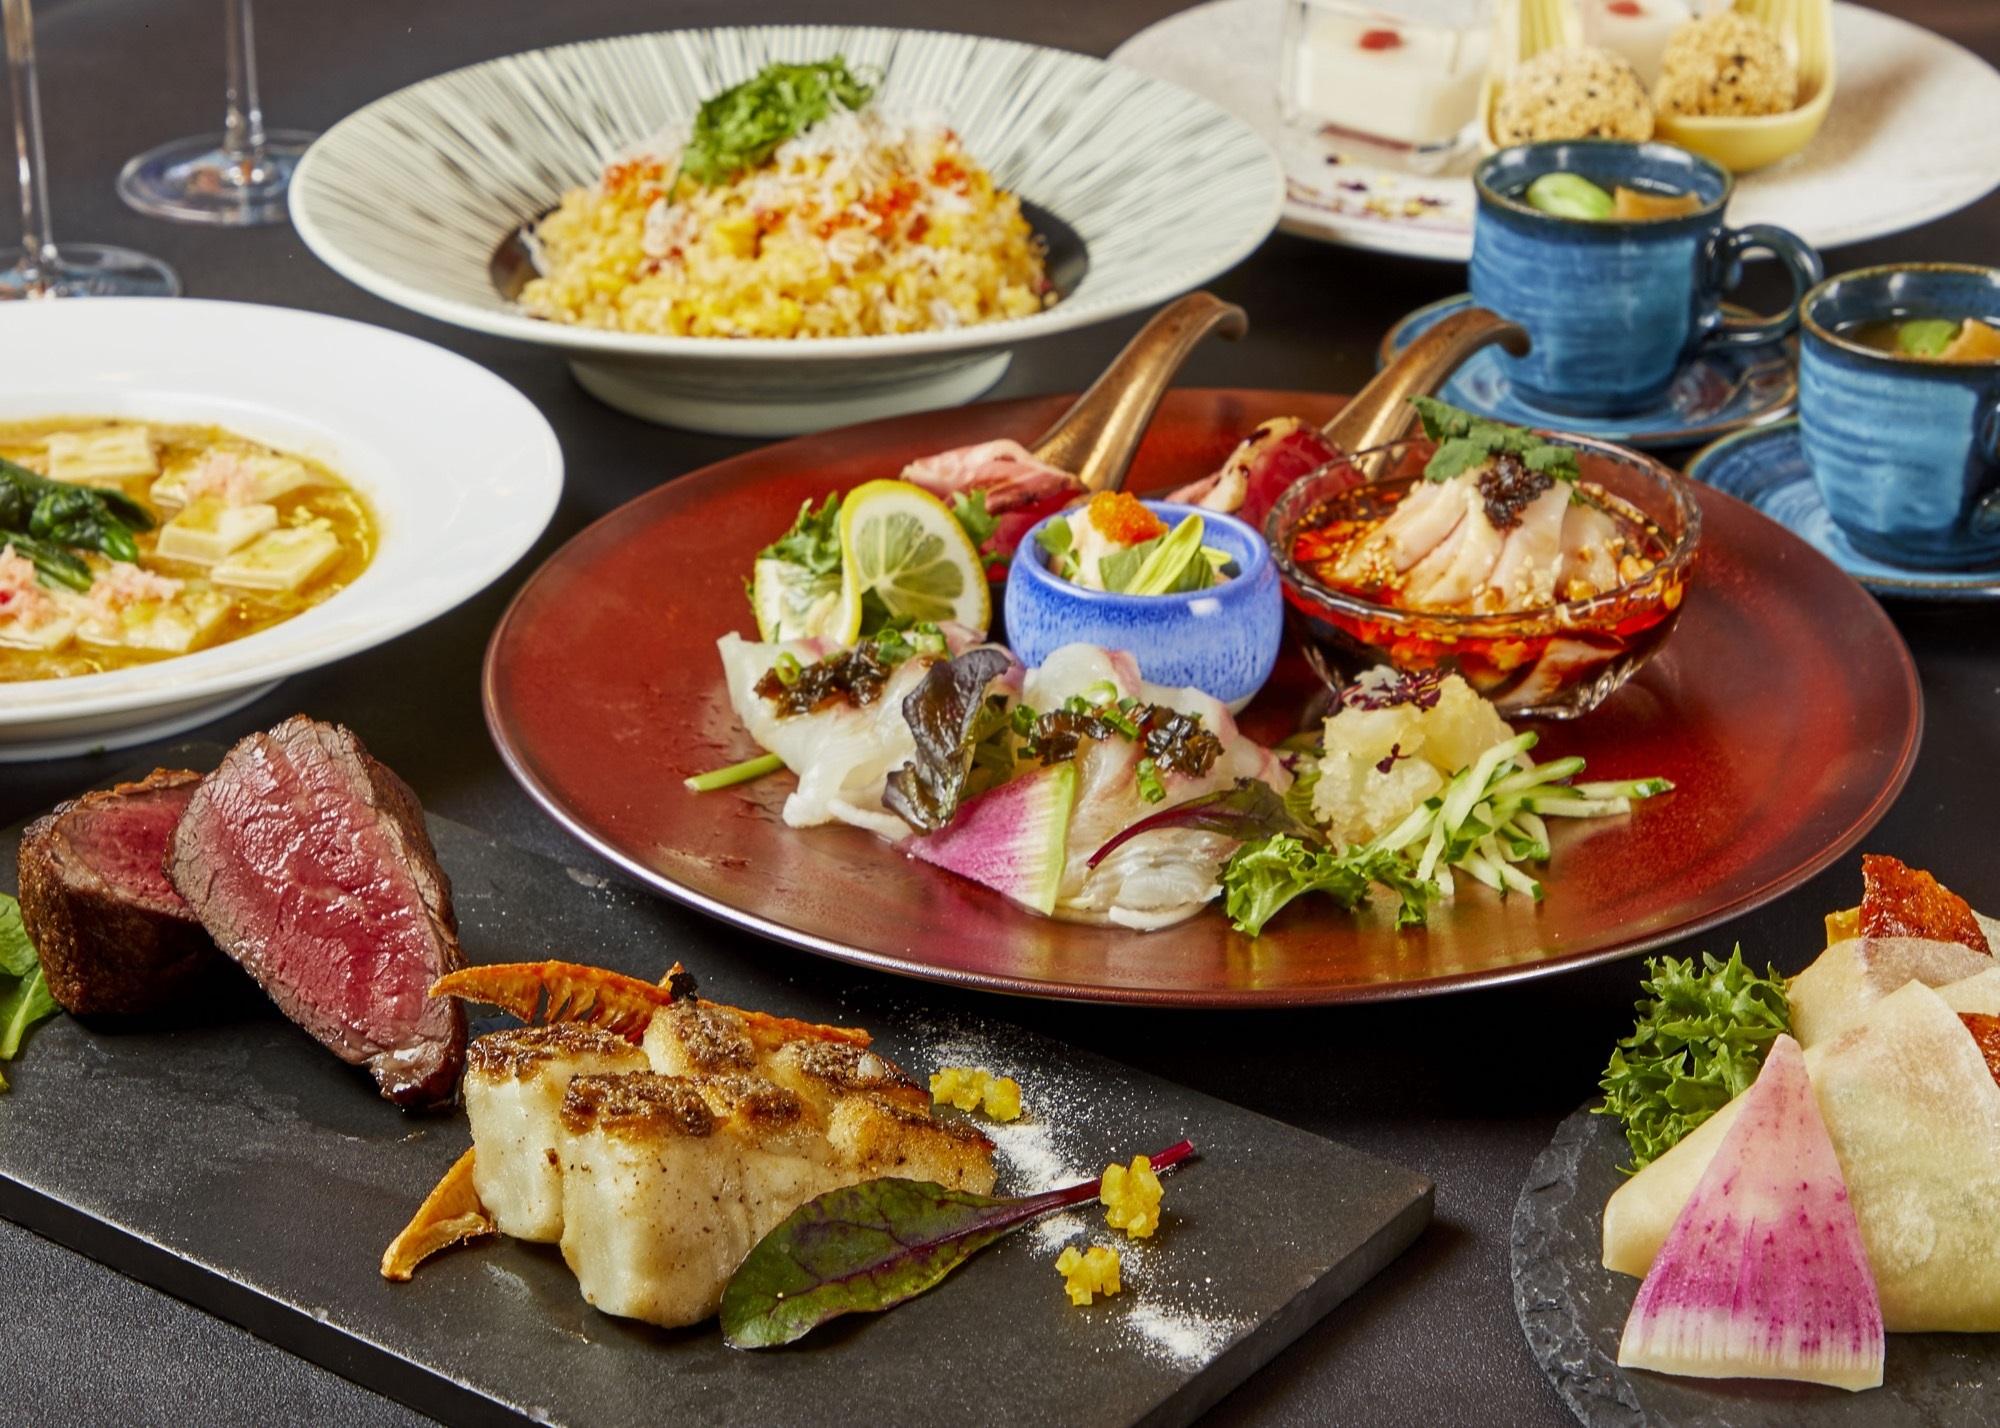 【期間限定】記念日におすすめ!2品の豪華メインがうれしい♪ディナー付きコース